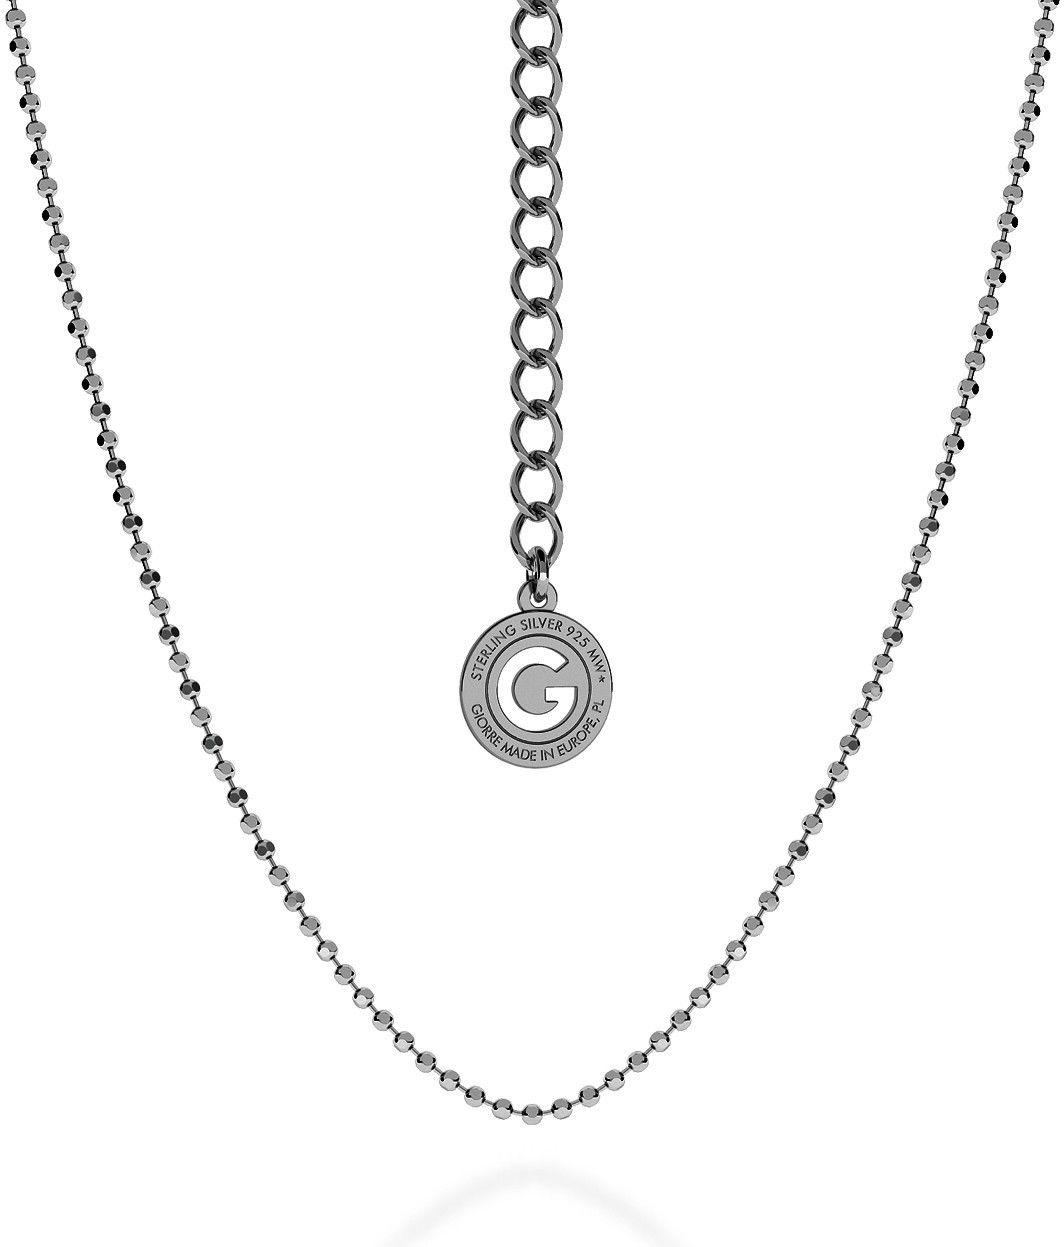 Srebrny łańcuszek z kulek, srebro 925 : Długość (cm) - 55 + 5, Srebro - kolor pokrycia - Pokrycie platyną